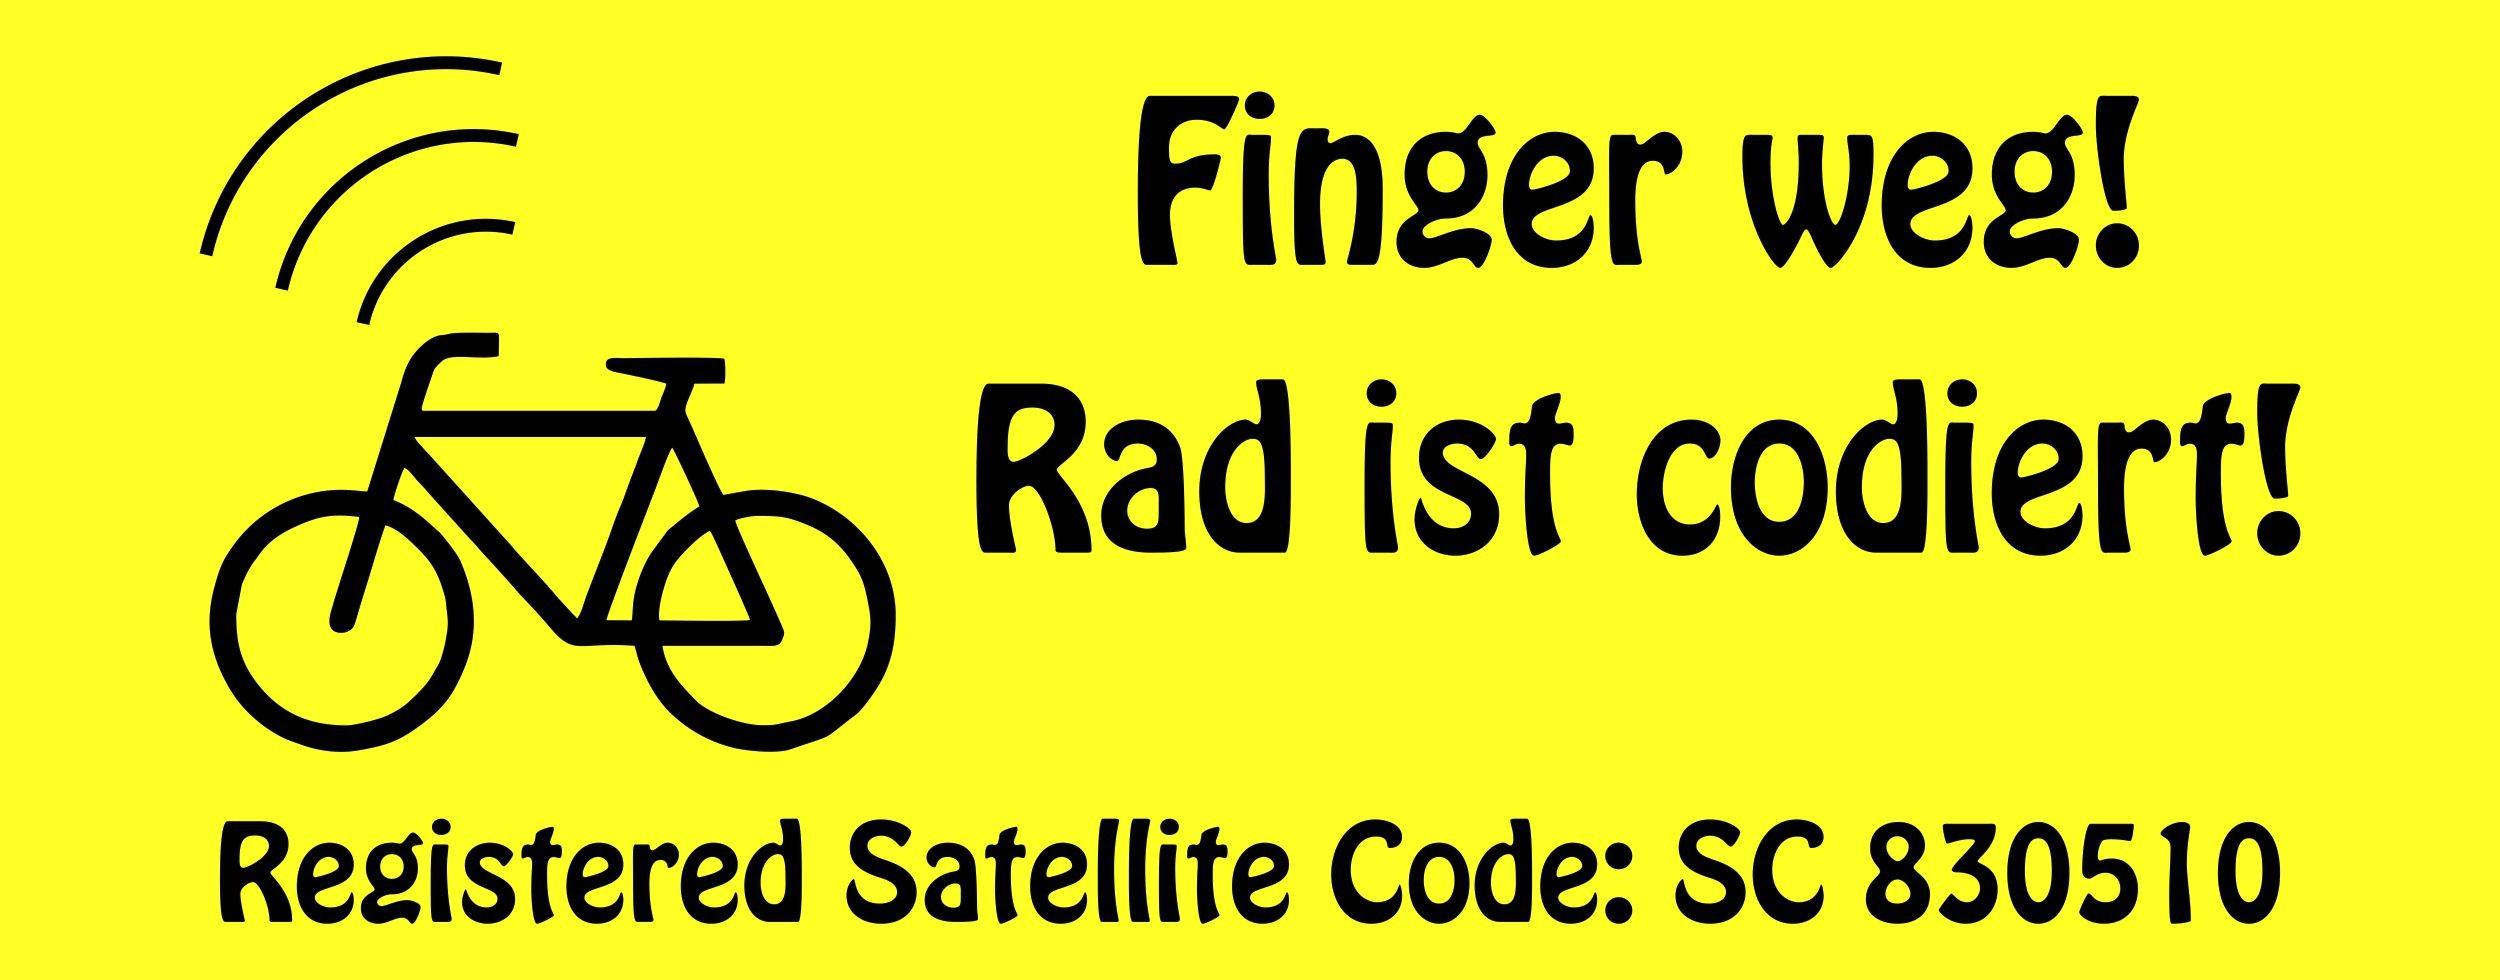 Sticker Finger weg! Rad ist codiert! Registered Satellite: SC 830510 yellow – Bild 1